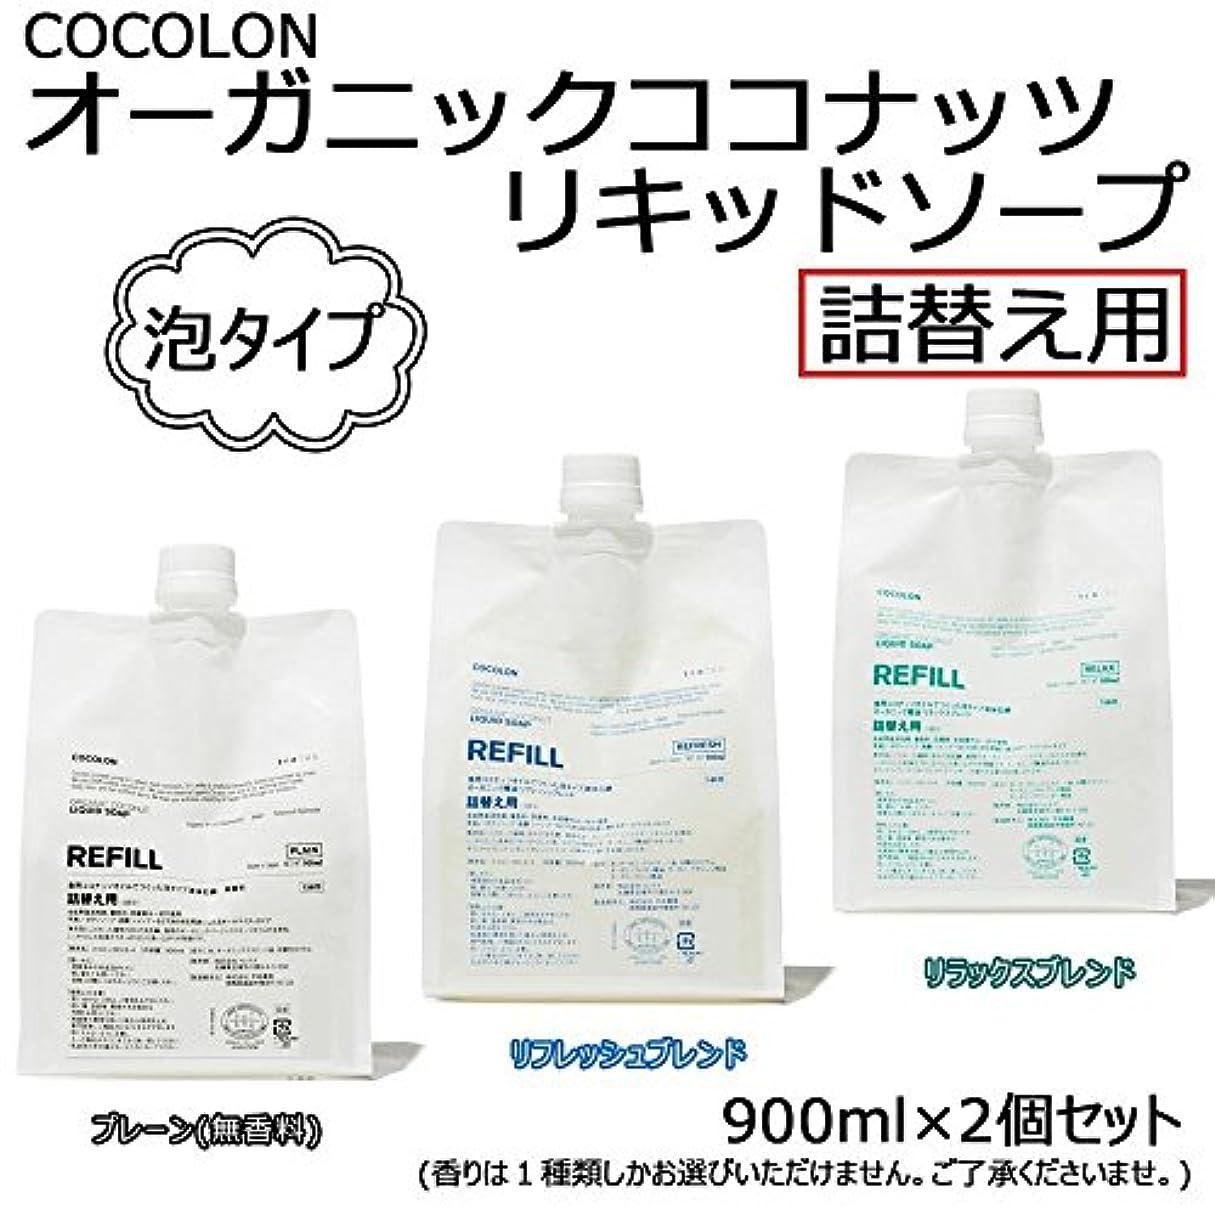 巻き戻すみボットCOCOLON ココロン オーガニックココナッツリキッドソープ 泡タイプ 詰替え用 900ml 2個セット【同梱?代引不可】 ■3種類の内「リラックスブレンド」のみです